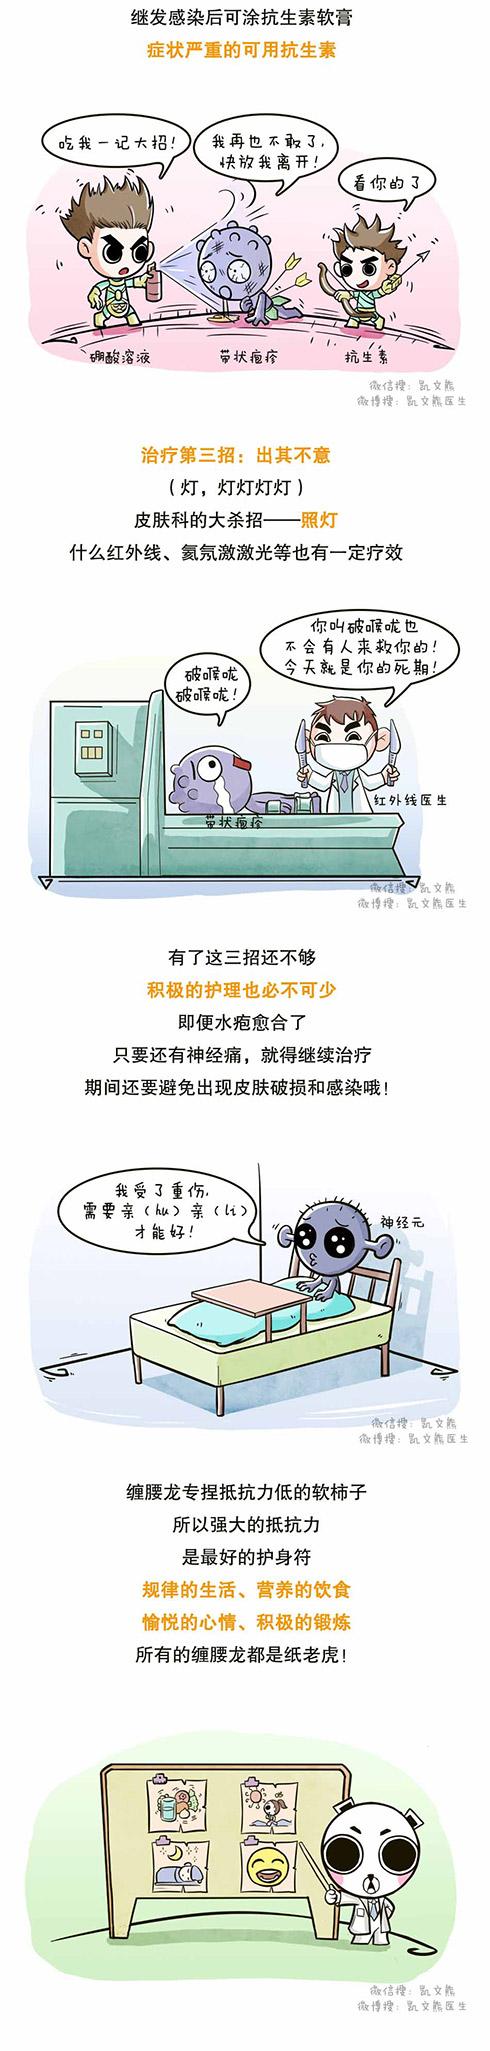 带状疱疹_05